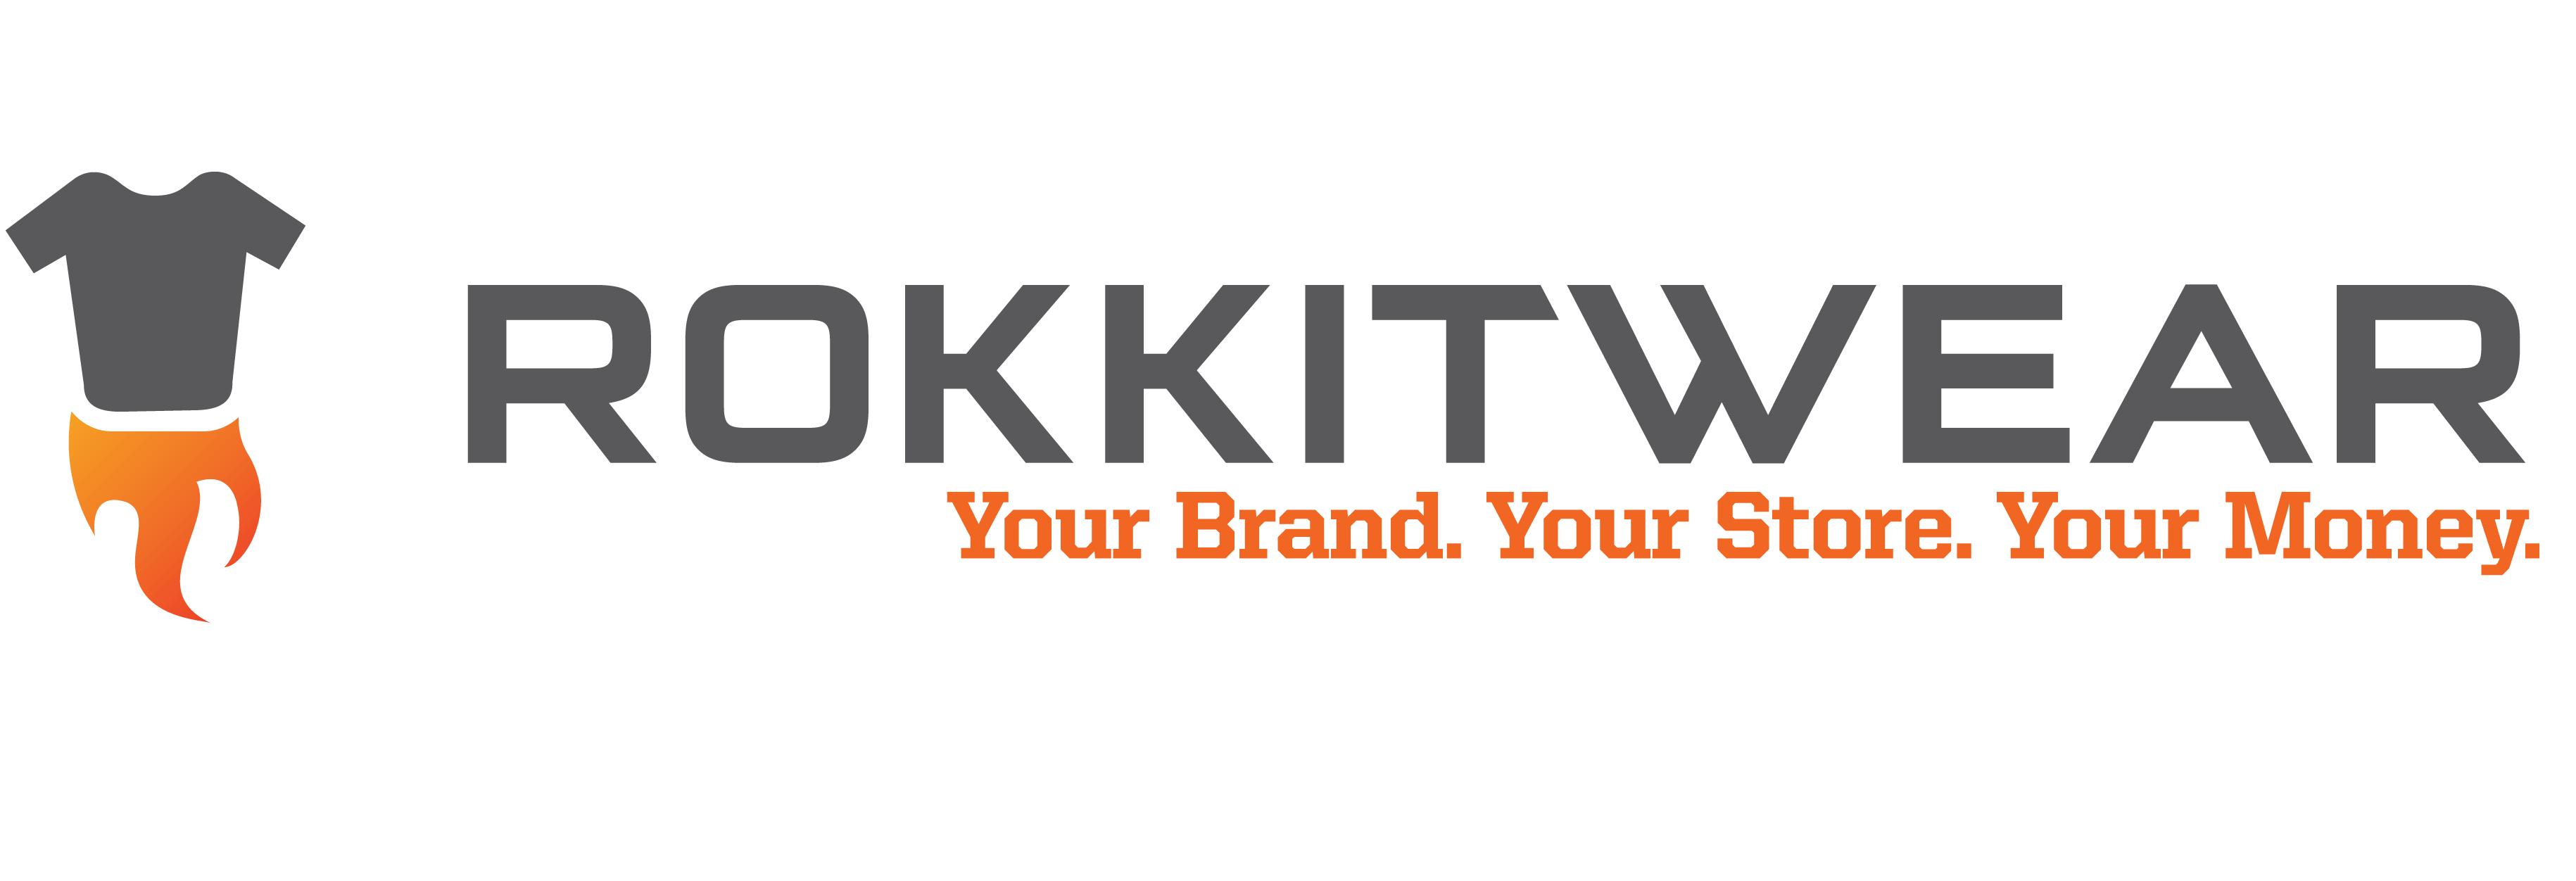 Rokkitwear Logo